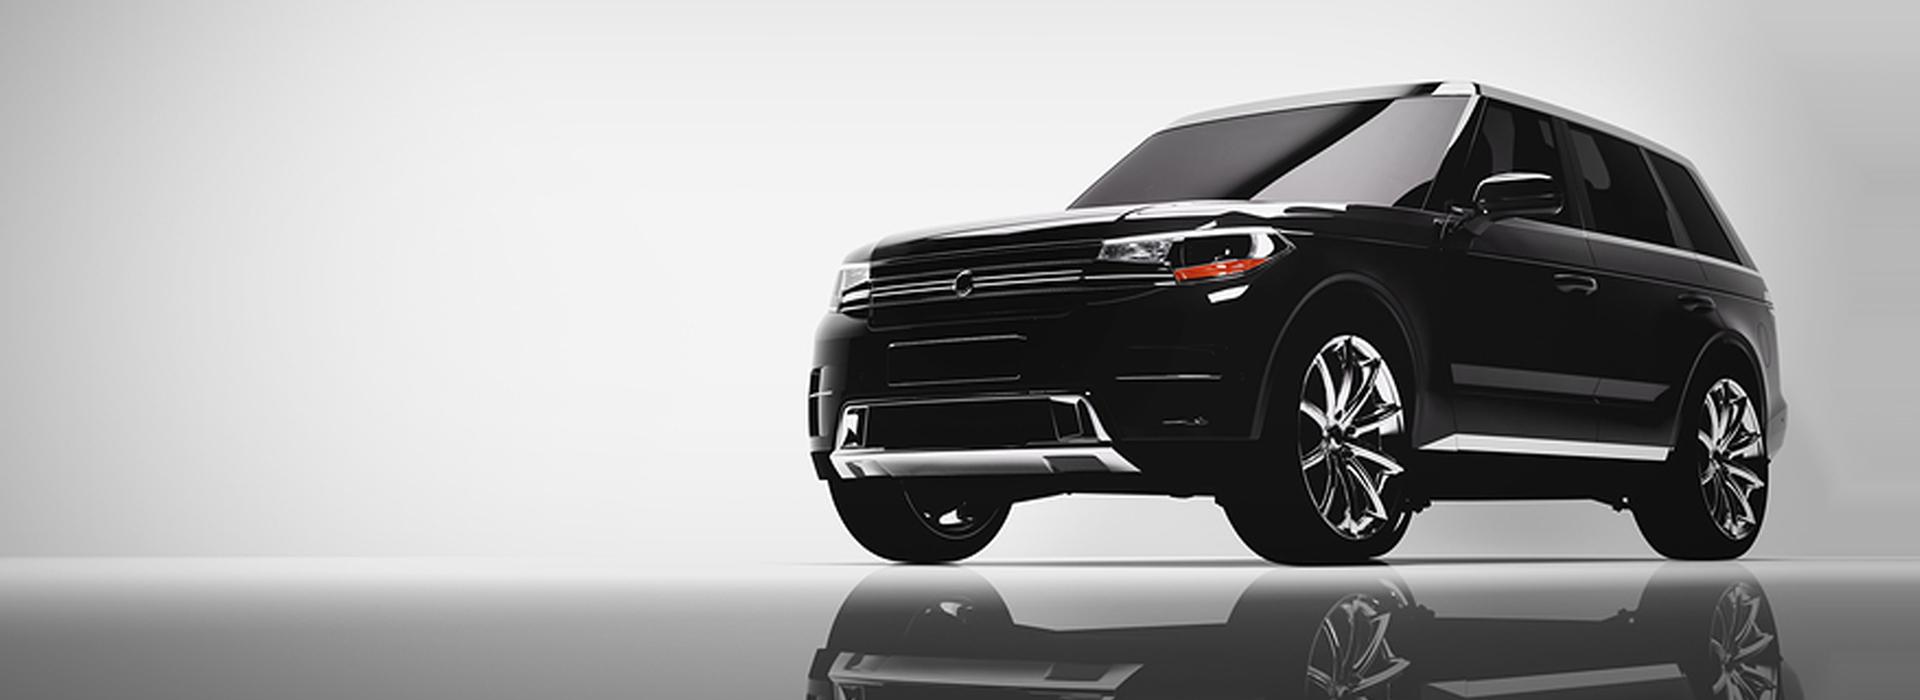 Black luxury SUV